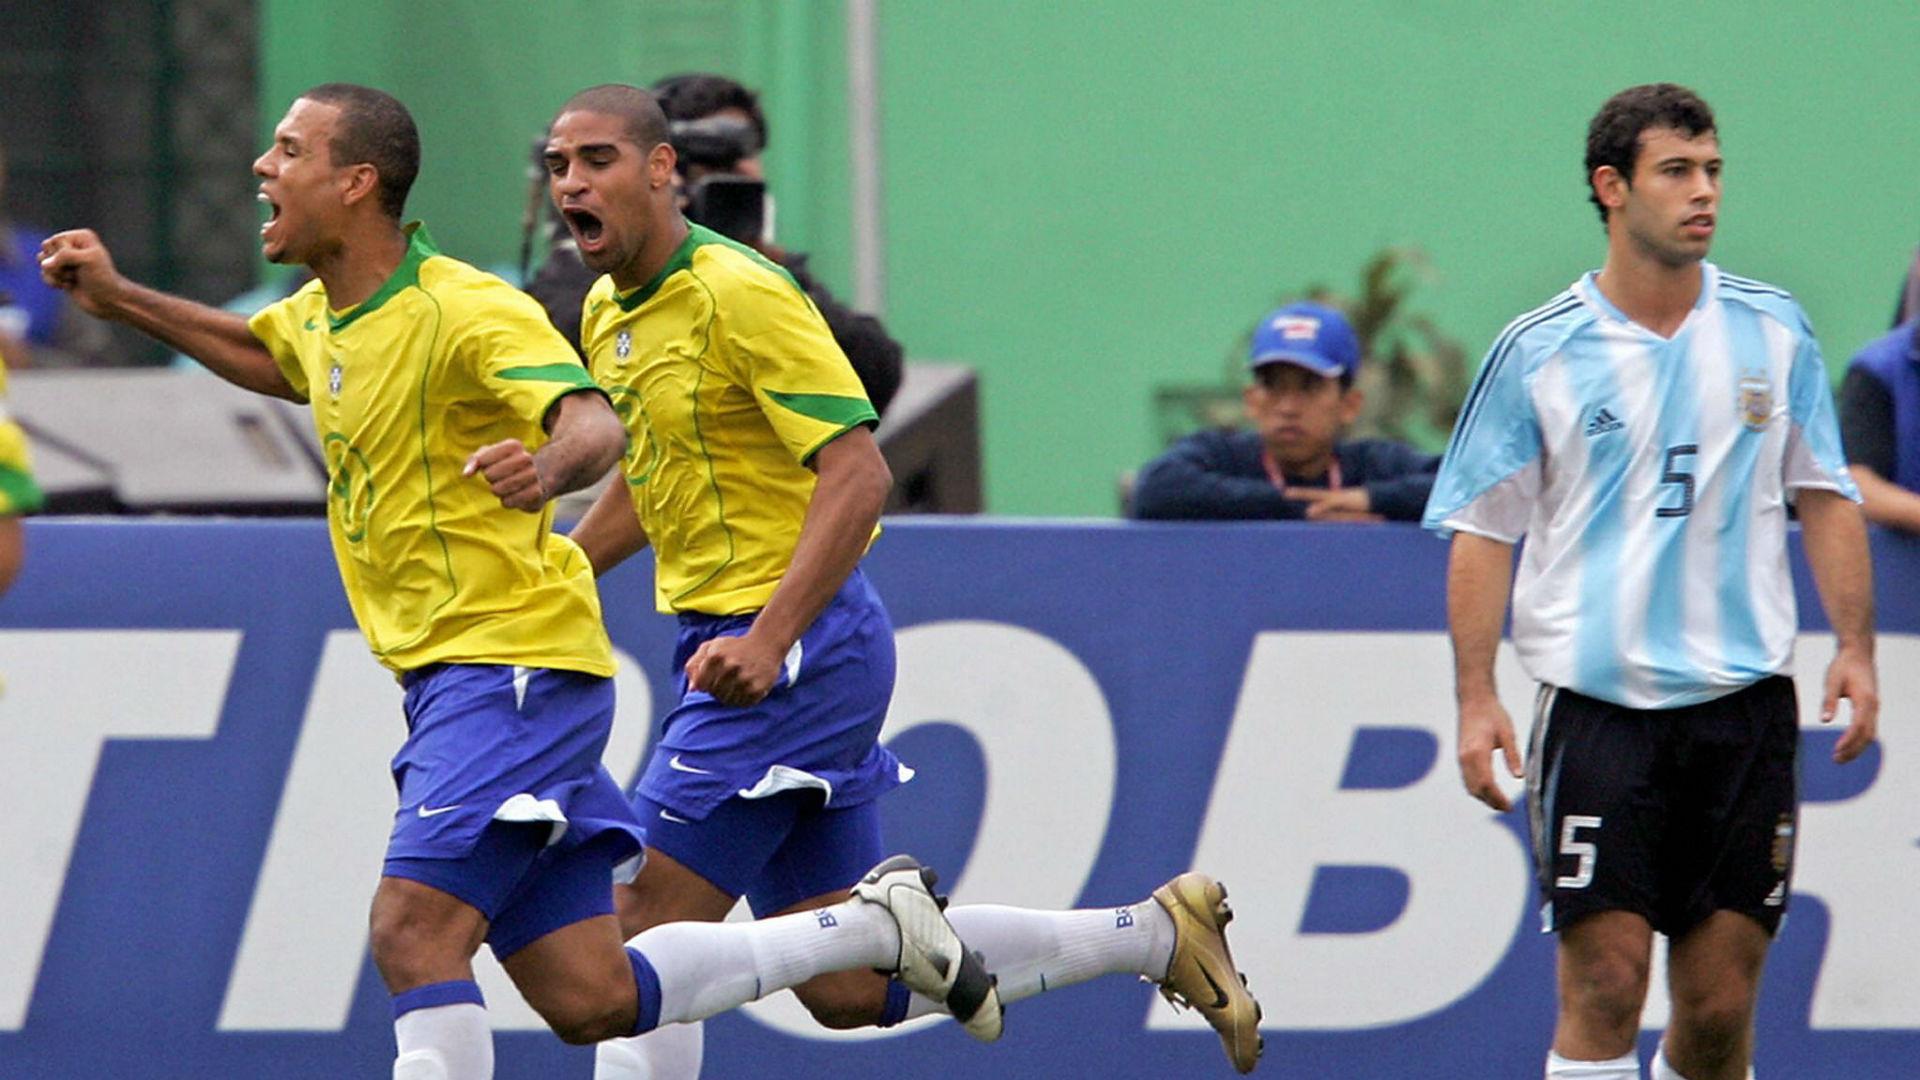 brasil-argentina-2004_8hoyrhaf9akx1d6tb6ssrnlpa